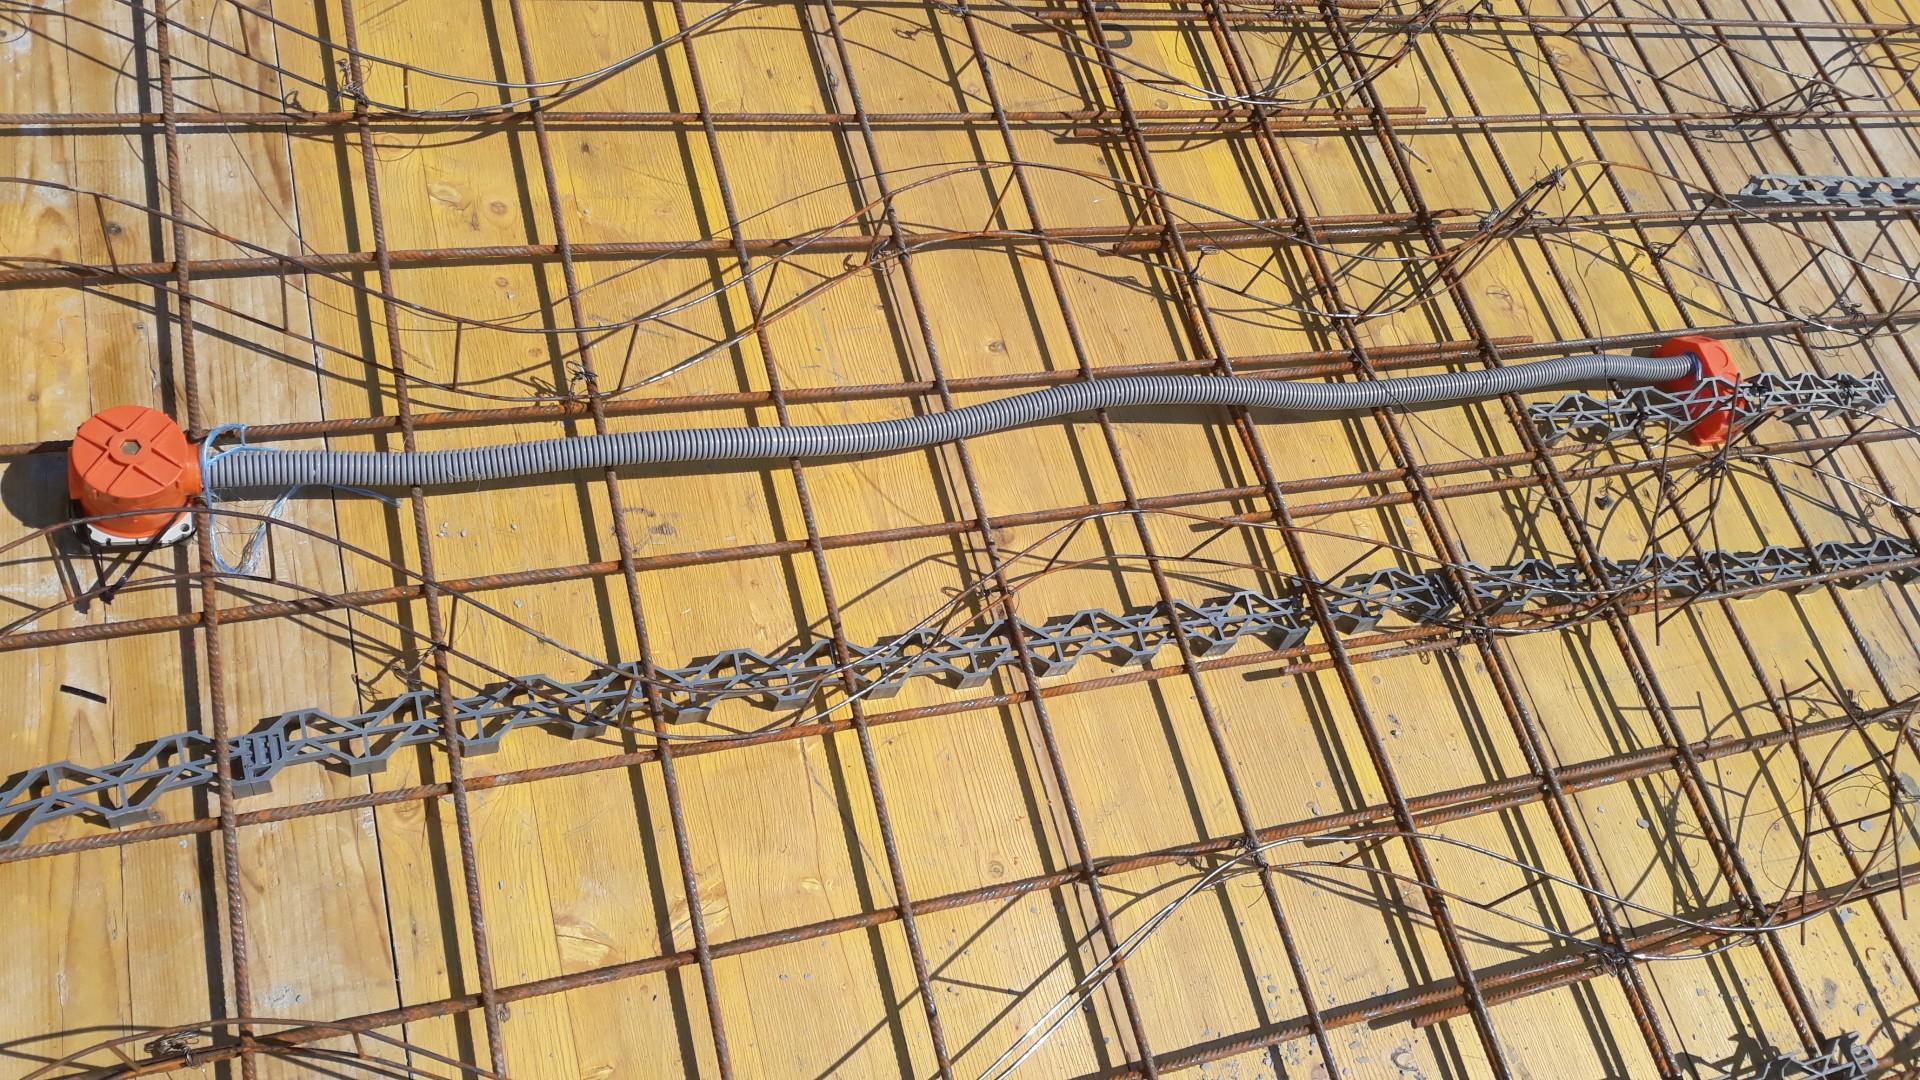 Vrchná stavba - VPC Kalksandstein murivo, zelená strecha - Chráničky sa ešte zafixovali o výstuž sťahovacími páskami.